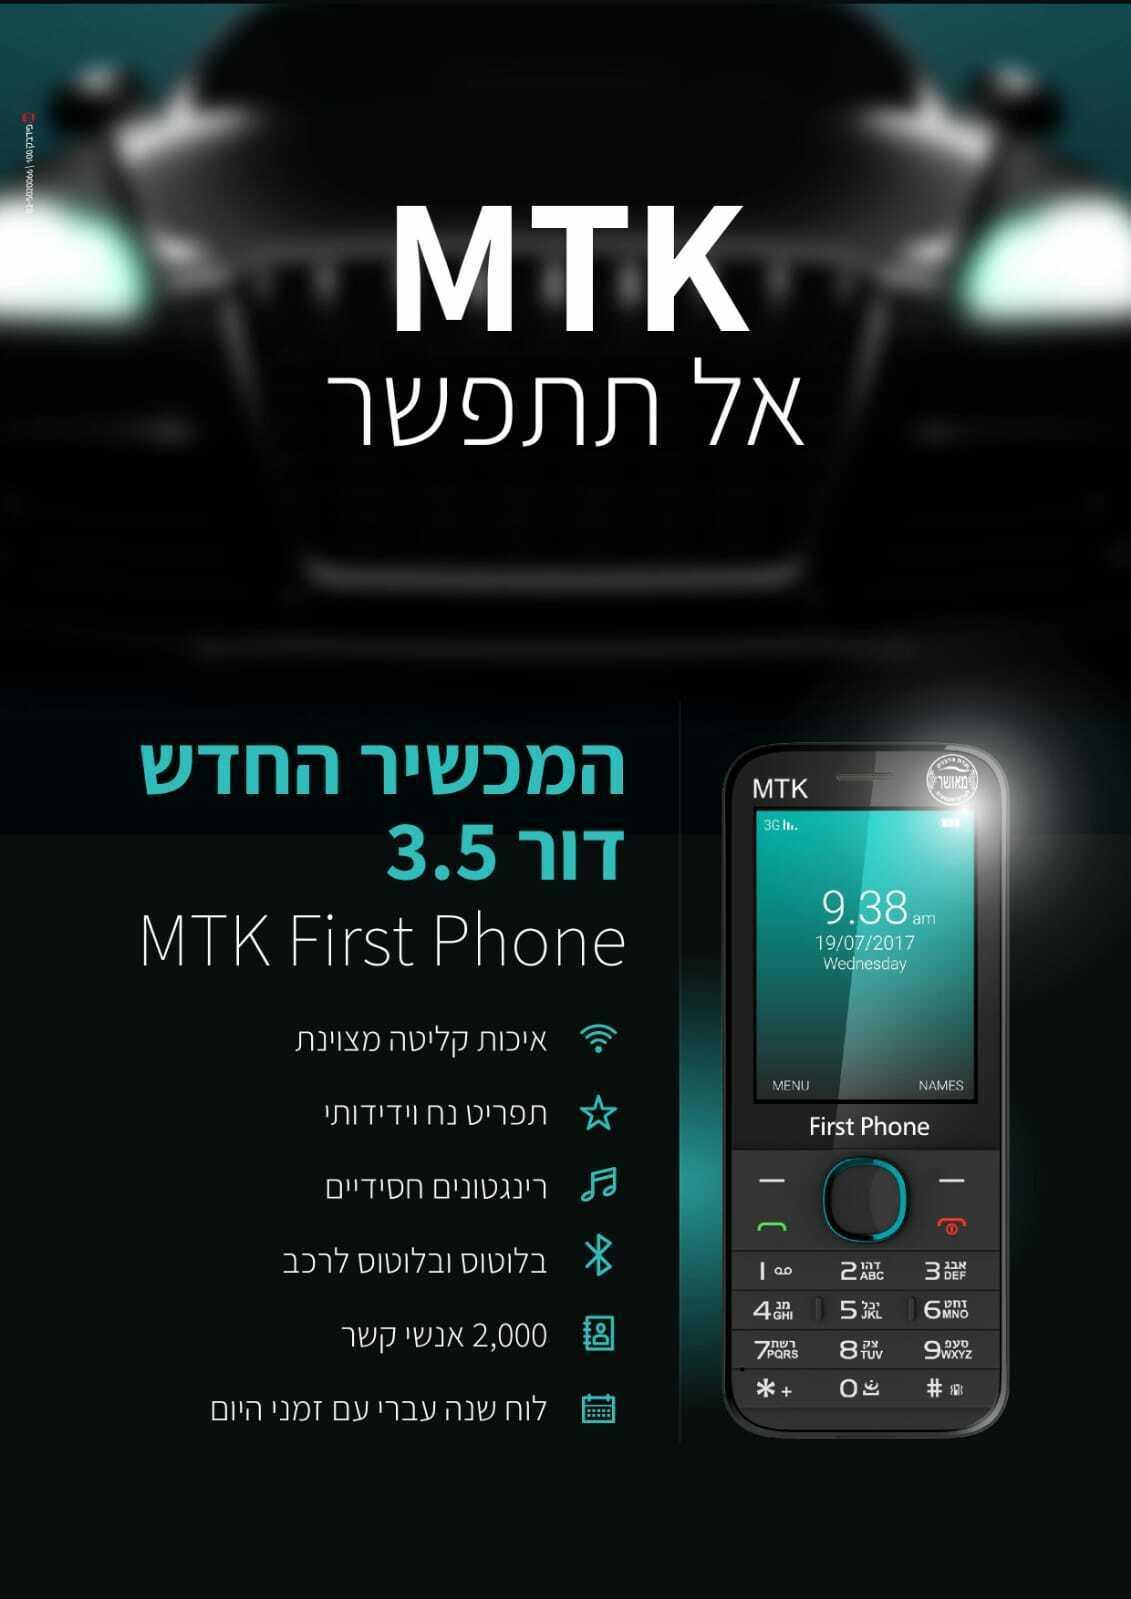 מבצע! מכשיר כשר מאושר First Phone MTK 1